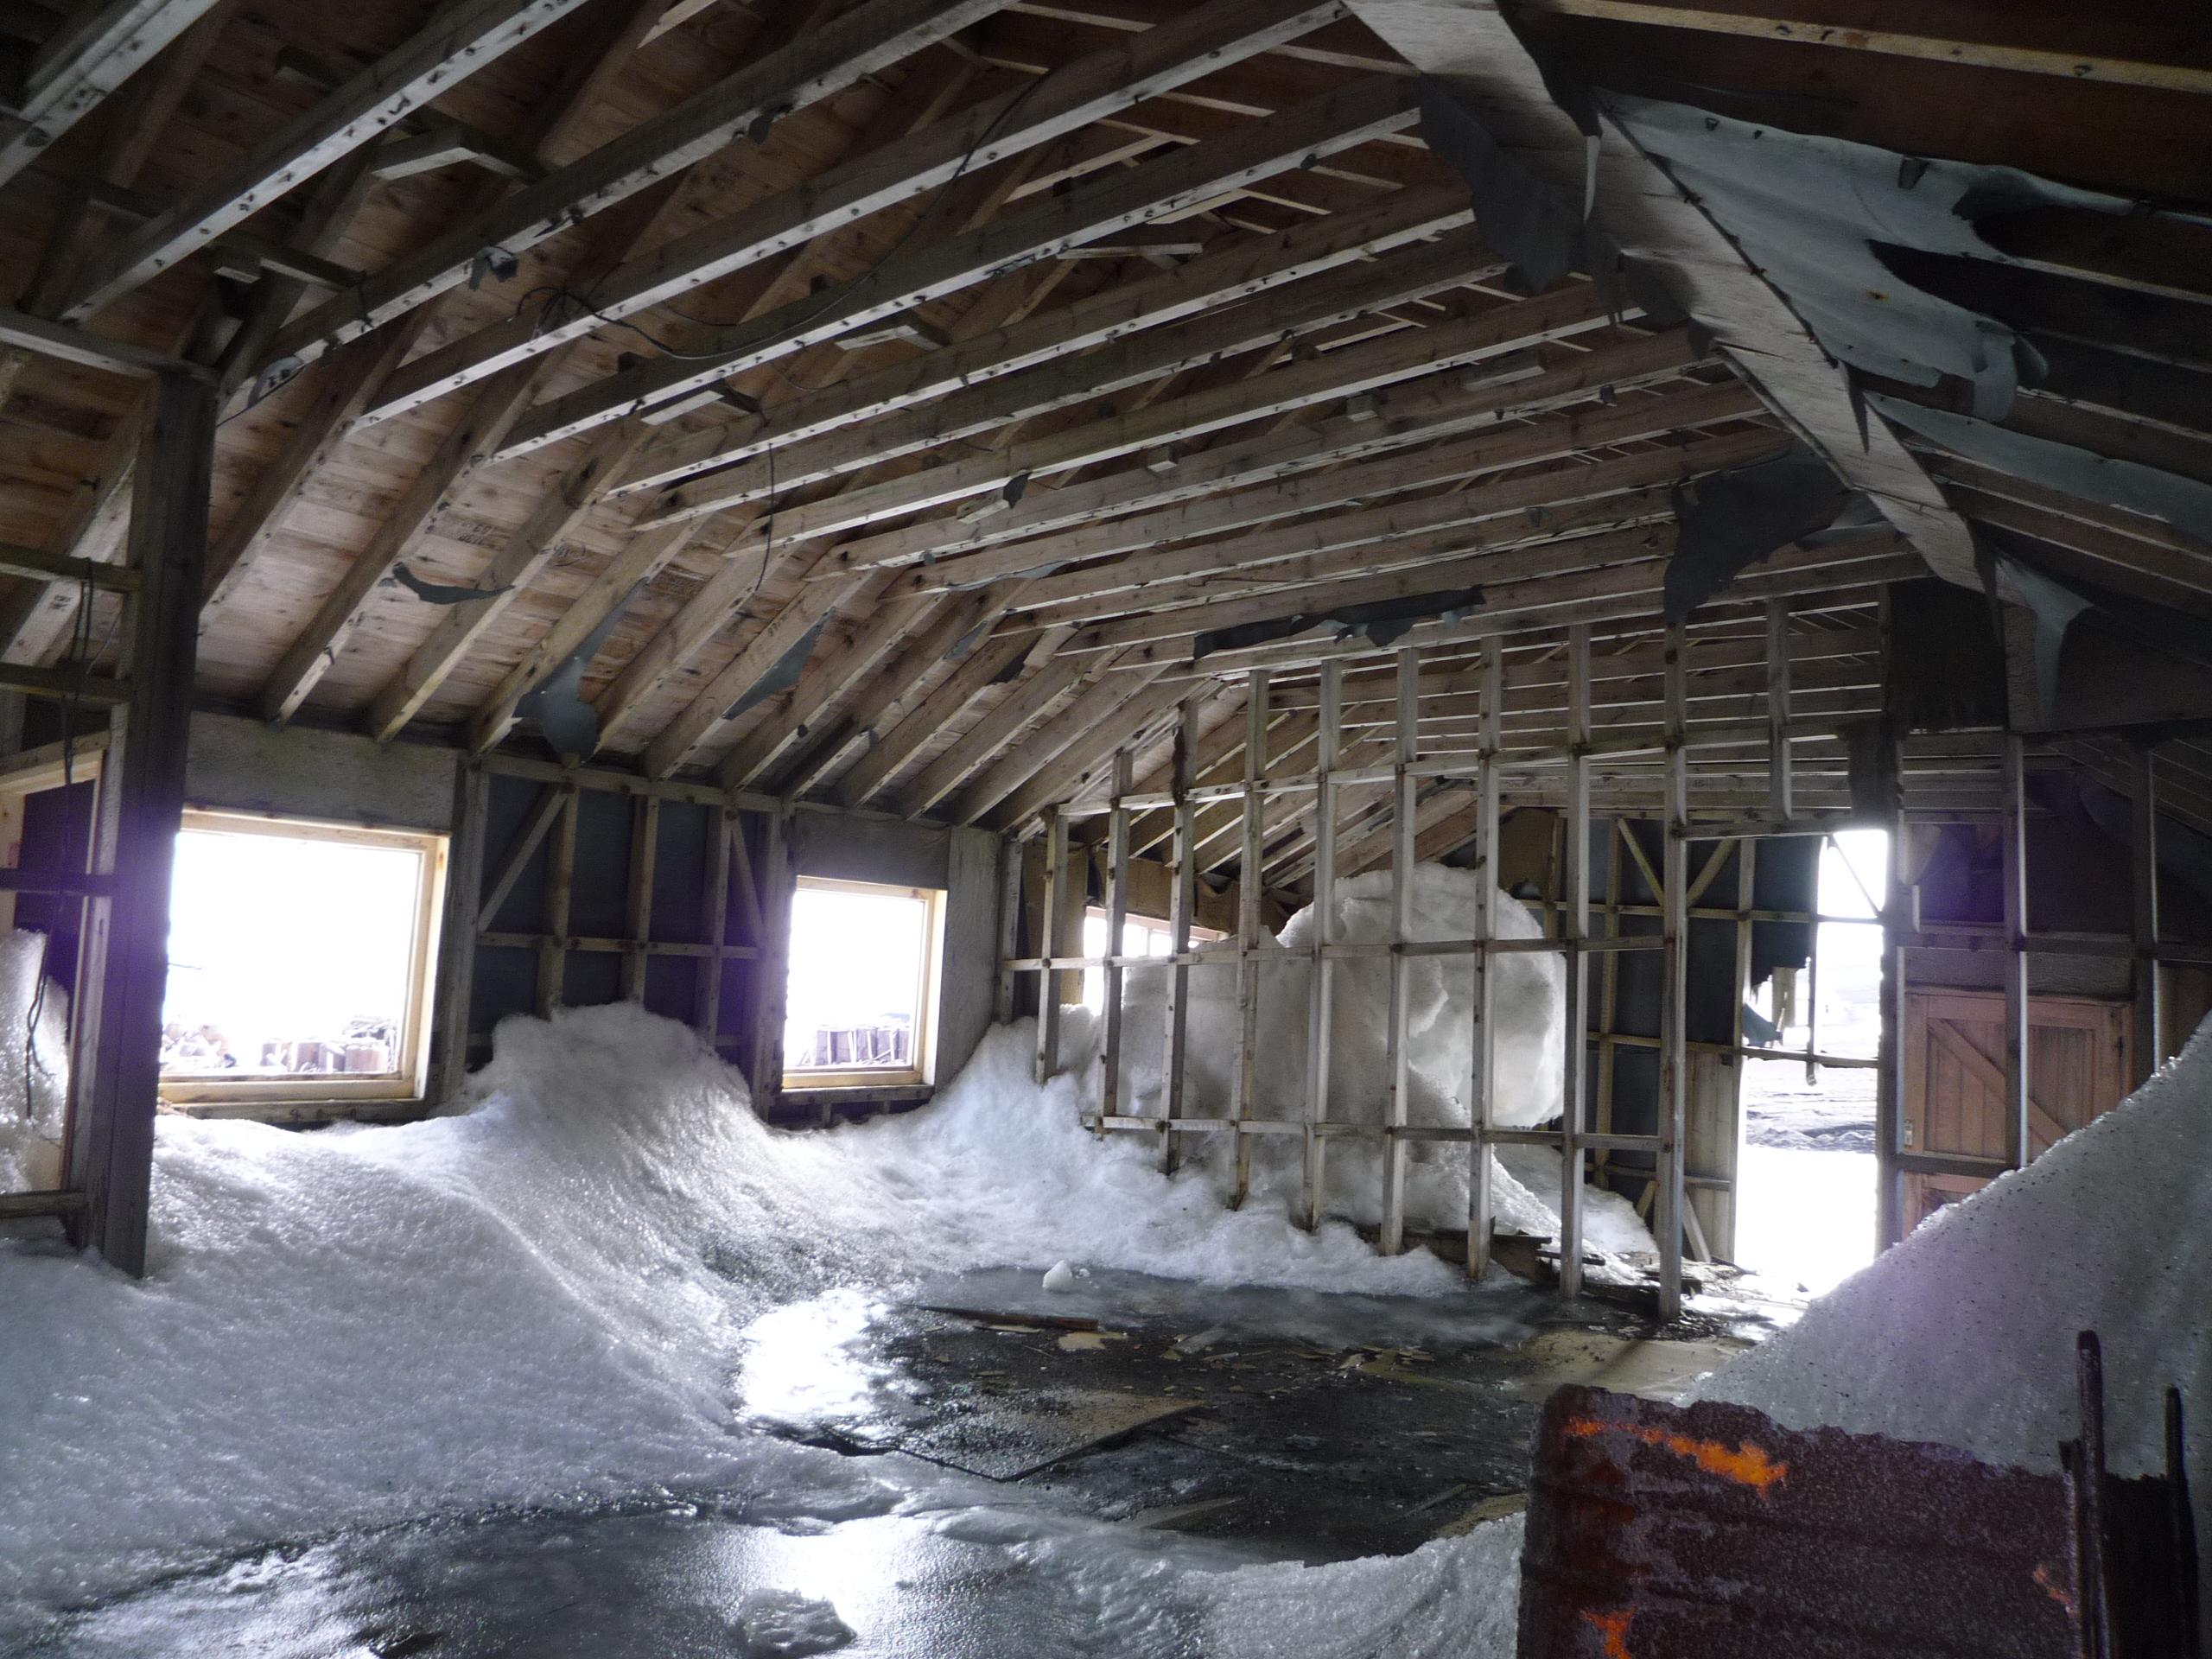 Das historische Gebäude einer Walfangstation in der Antarktis von innen photographiert. Die Tür scheint kaputt. Innen liegt viel Schnee.